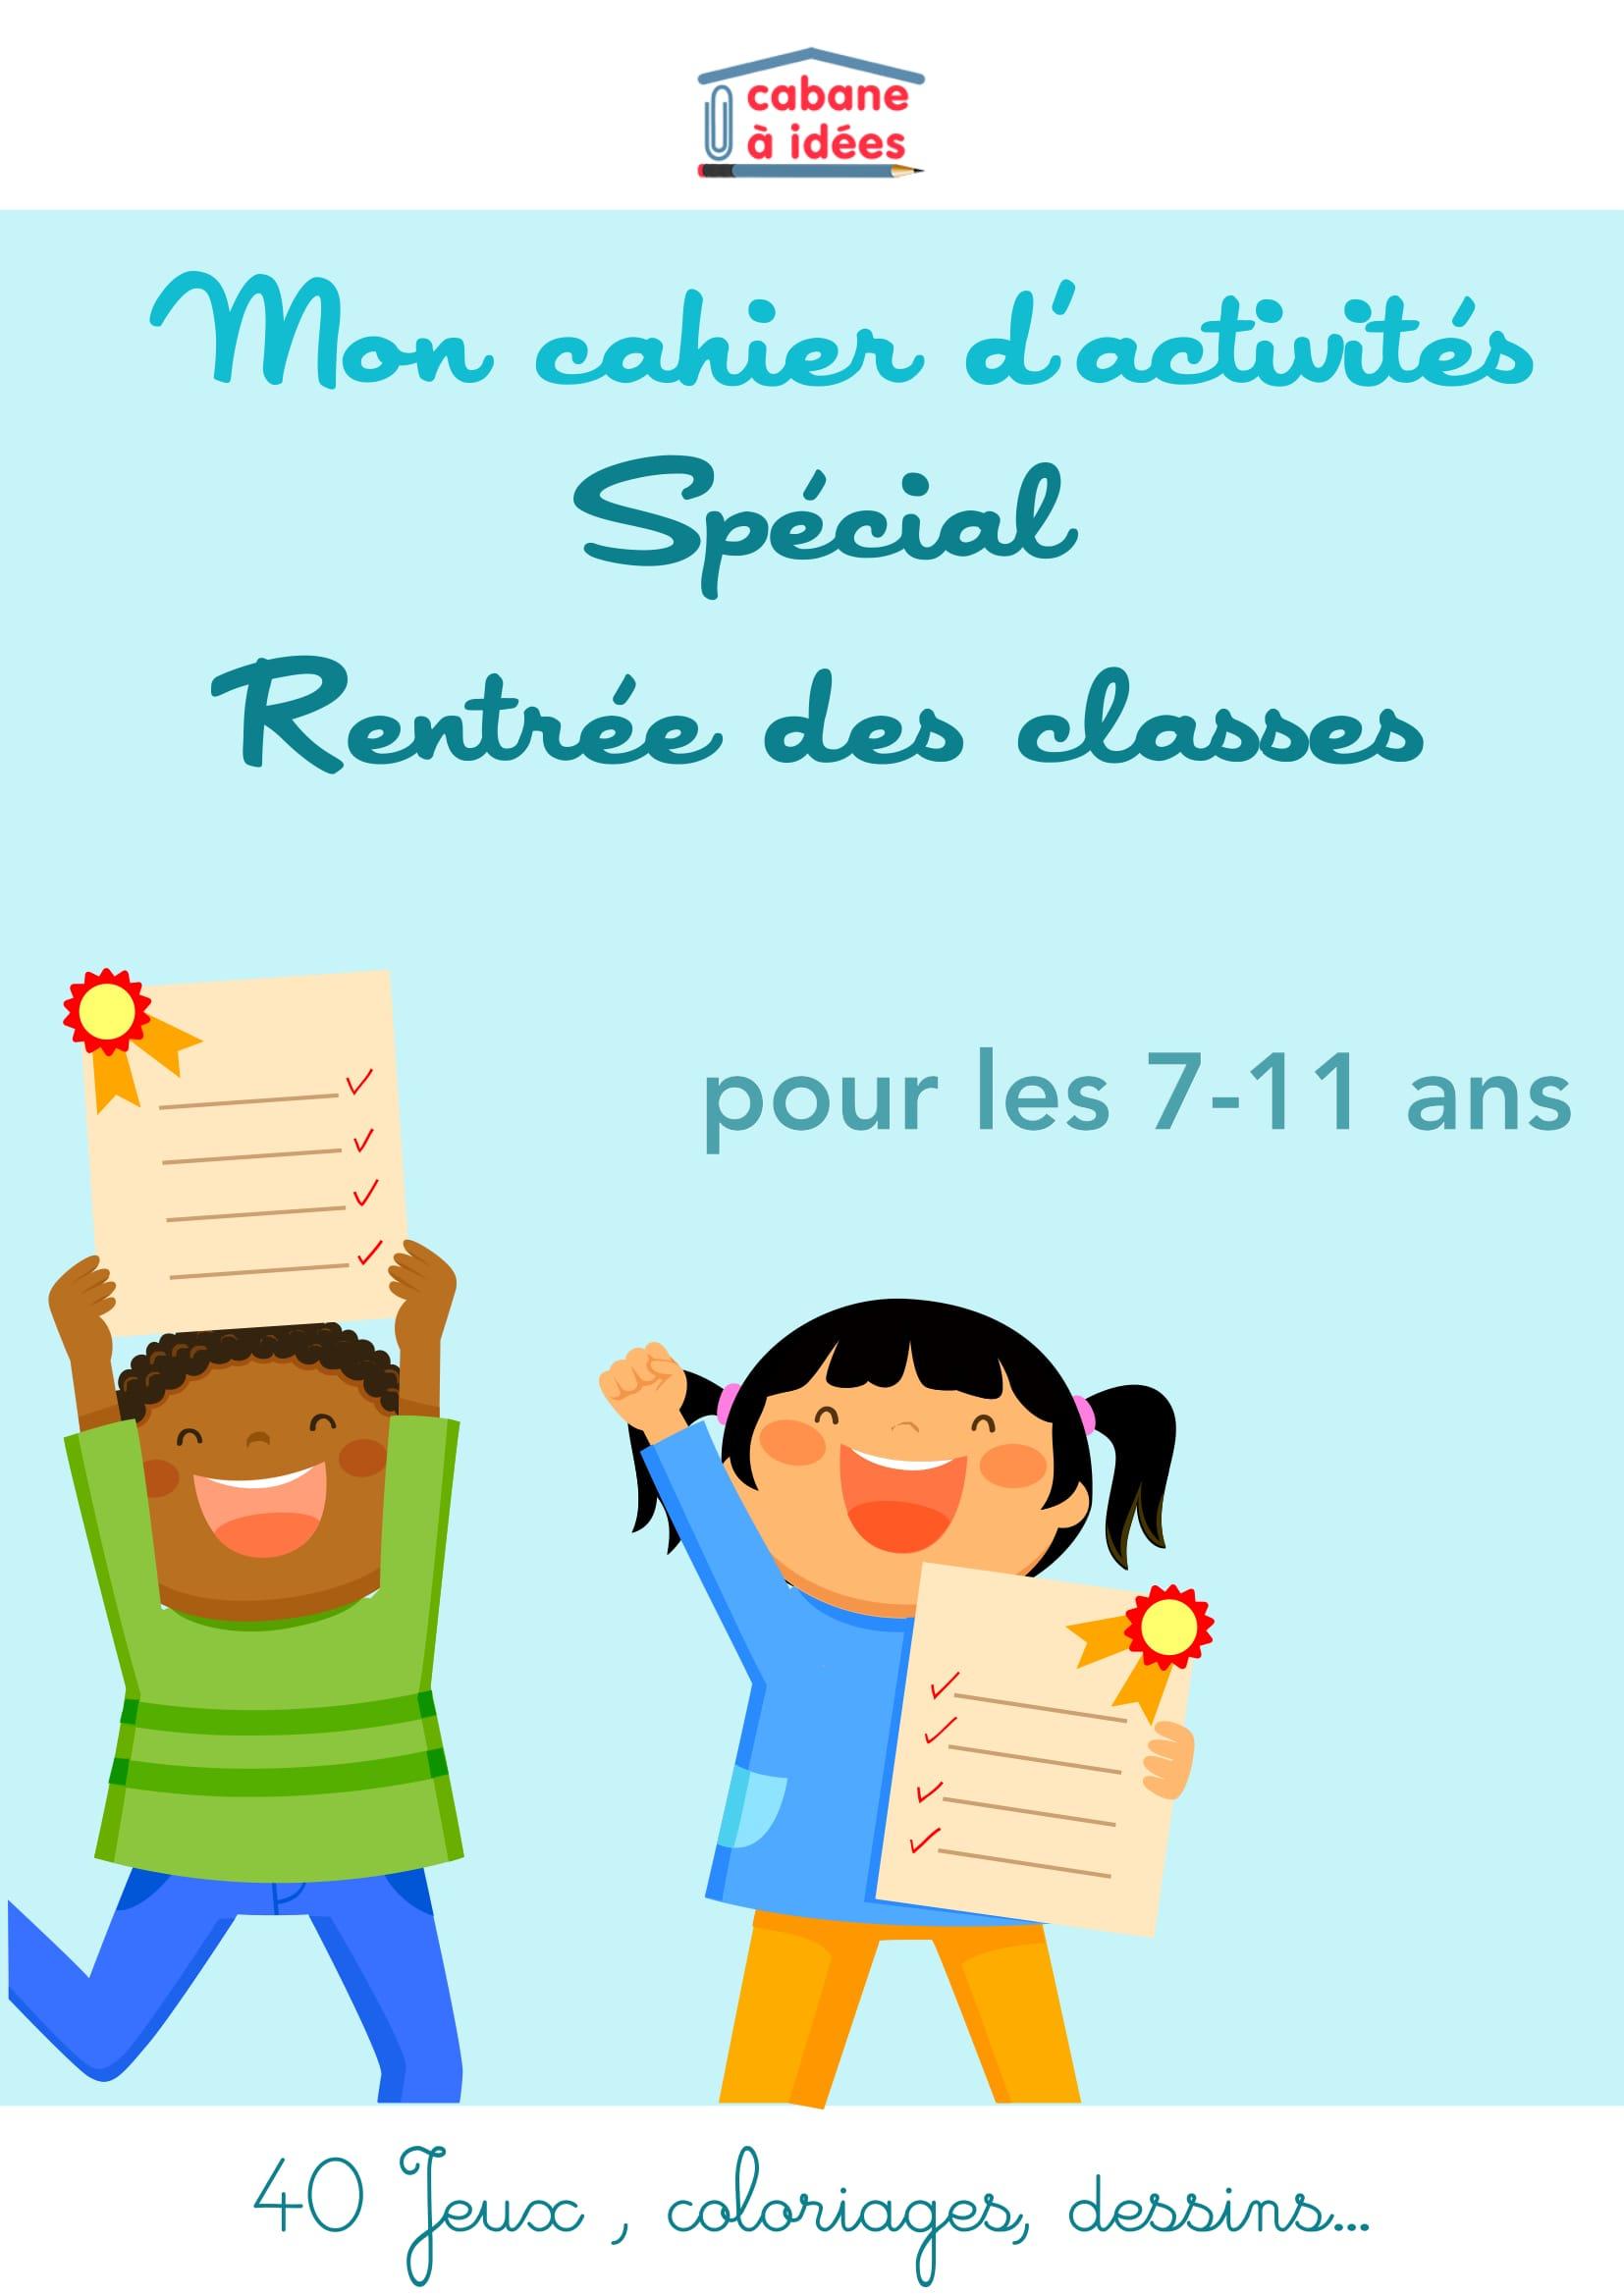 Les Cahiers D'activité Spécial Rentrée Scolaire - Cabane À Idées dedans Cahier De Vacances Maternelle À Imprimer